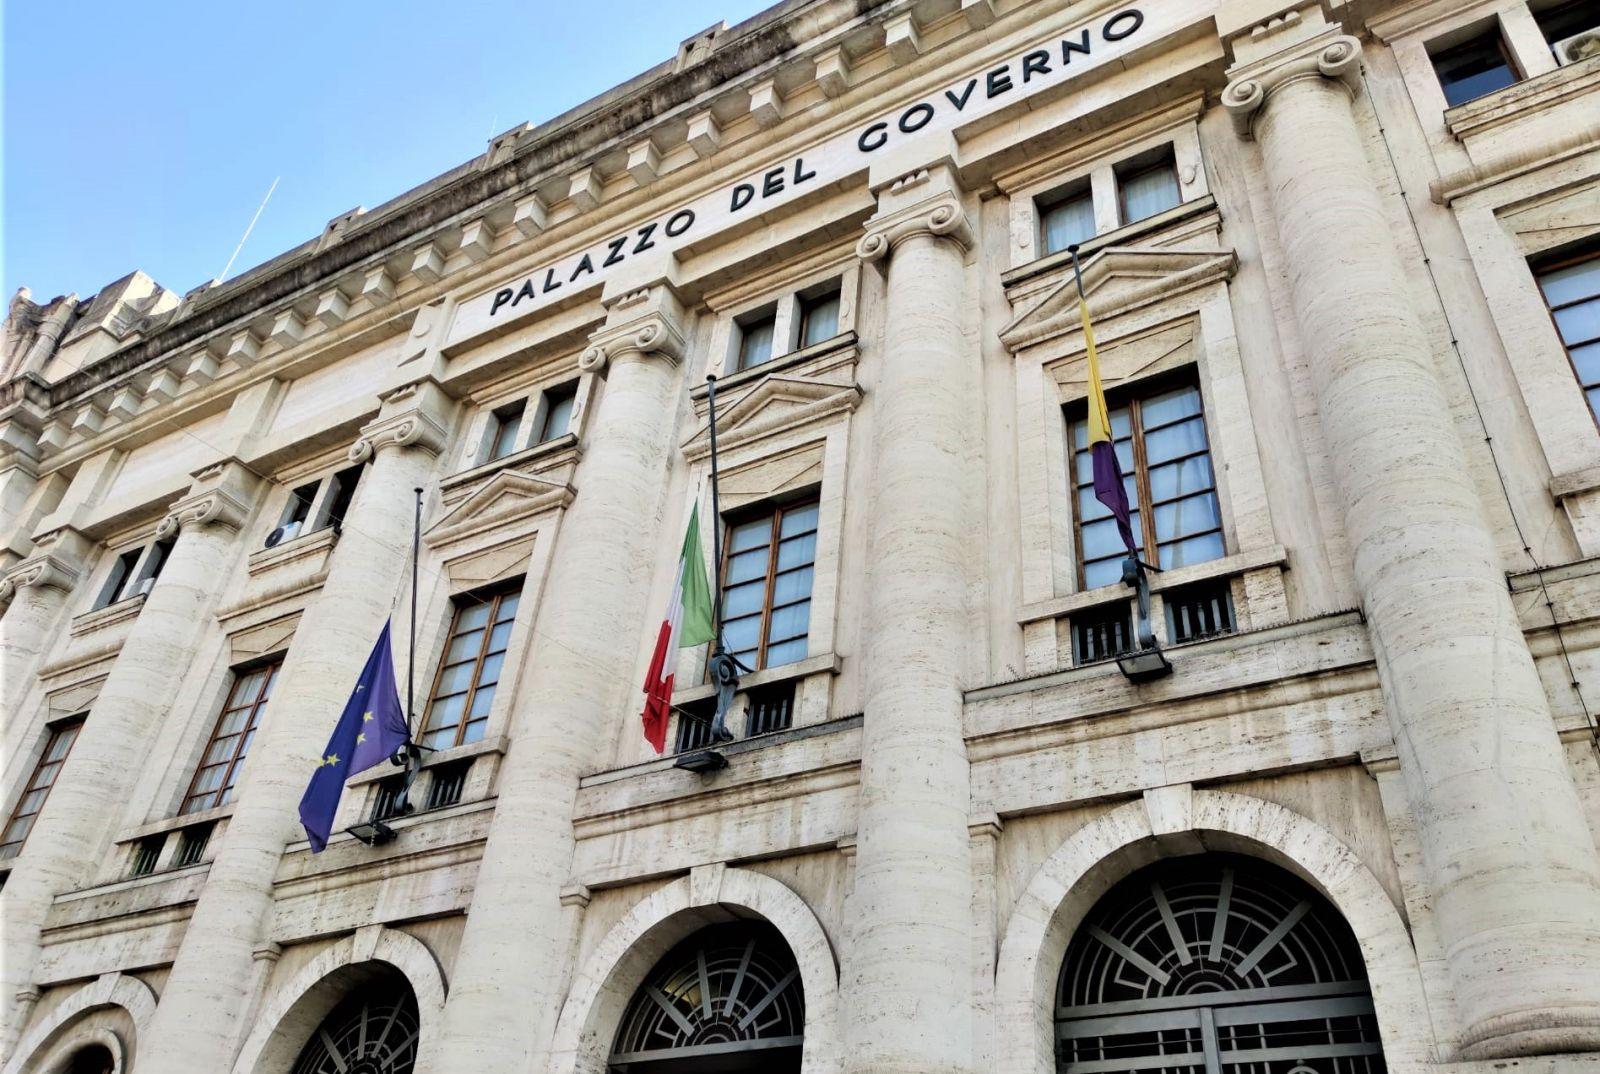 Provincia di Terni, bandiere a mezz'asta per assassinio ambasciatore  Attanasio e carabiniere Iacovacci - Umbria Notizie Web